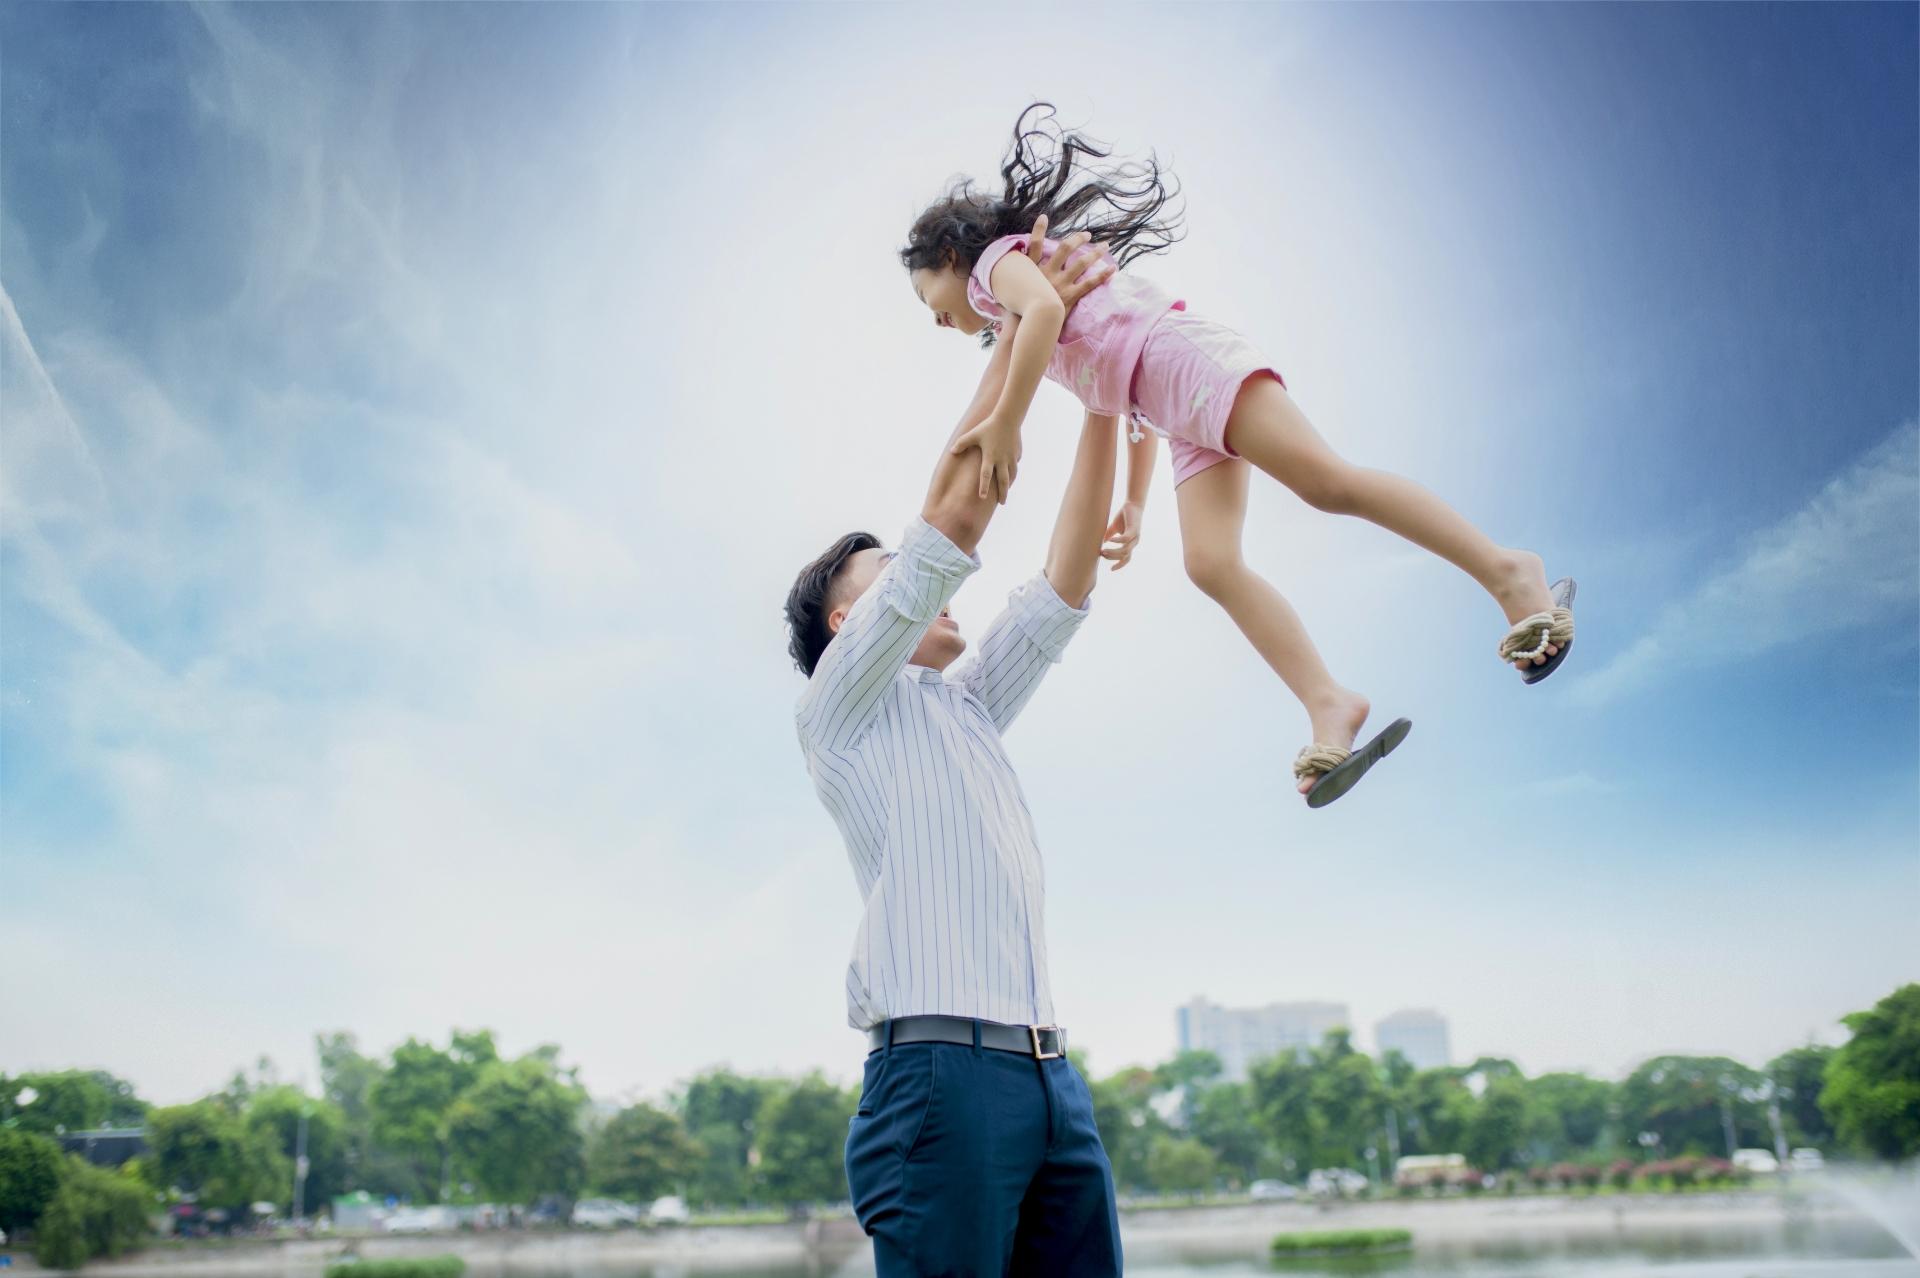 不登校を父親が理解してくれない!父が協力的になると子供も変わる。